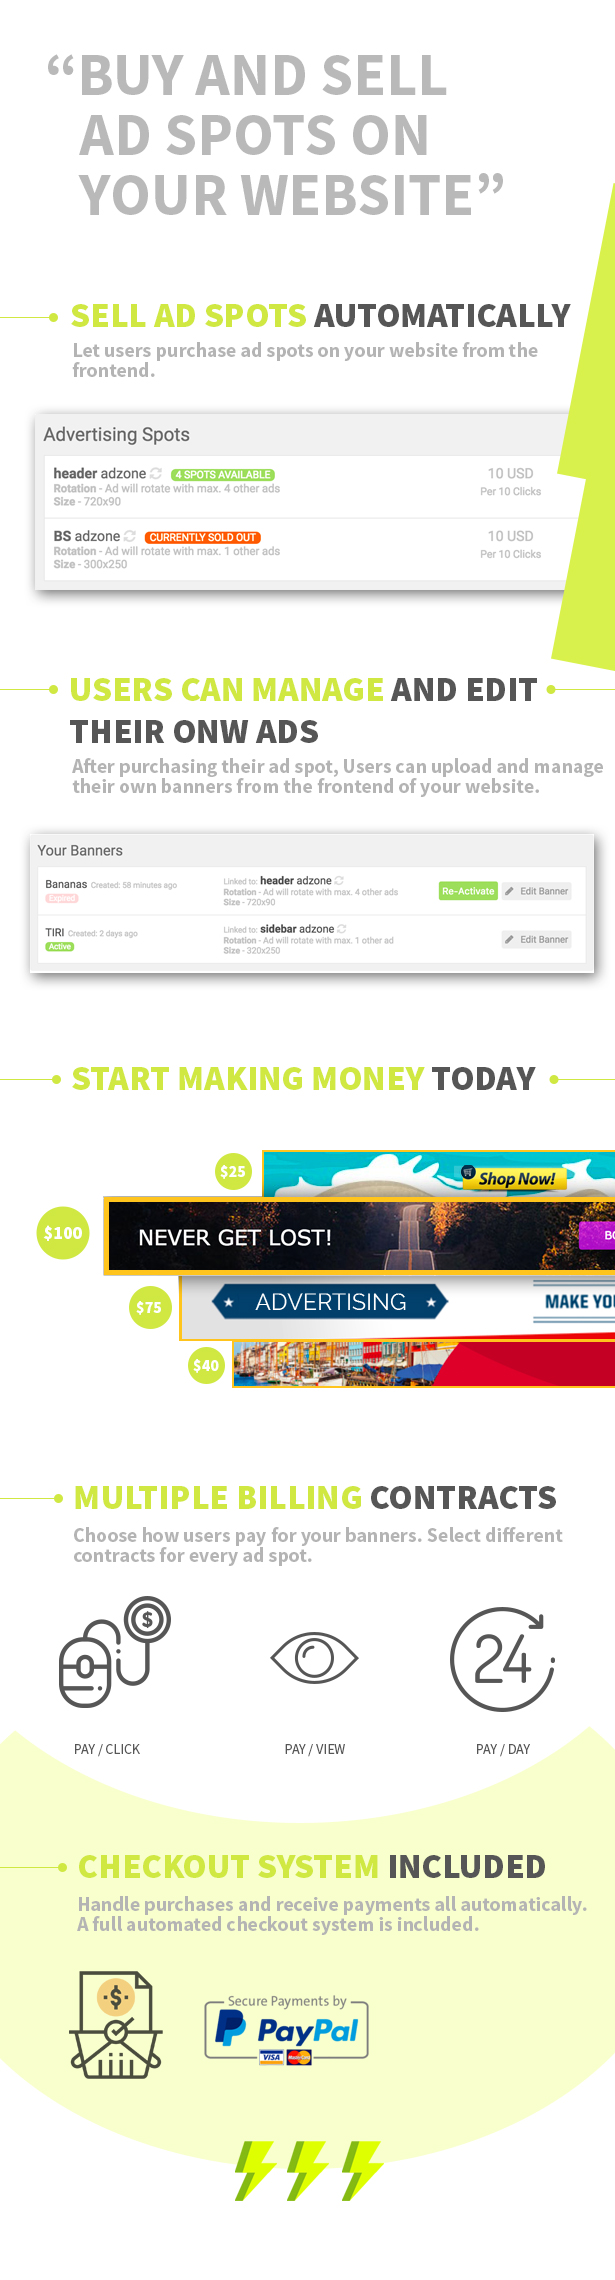 Купить и продать рекламу на вашем WordPress сайте